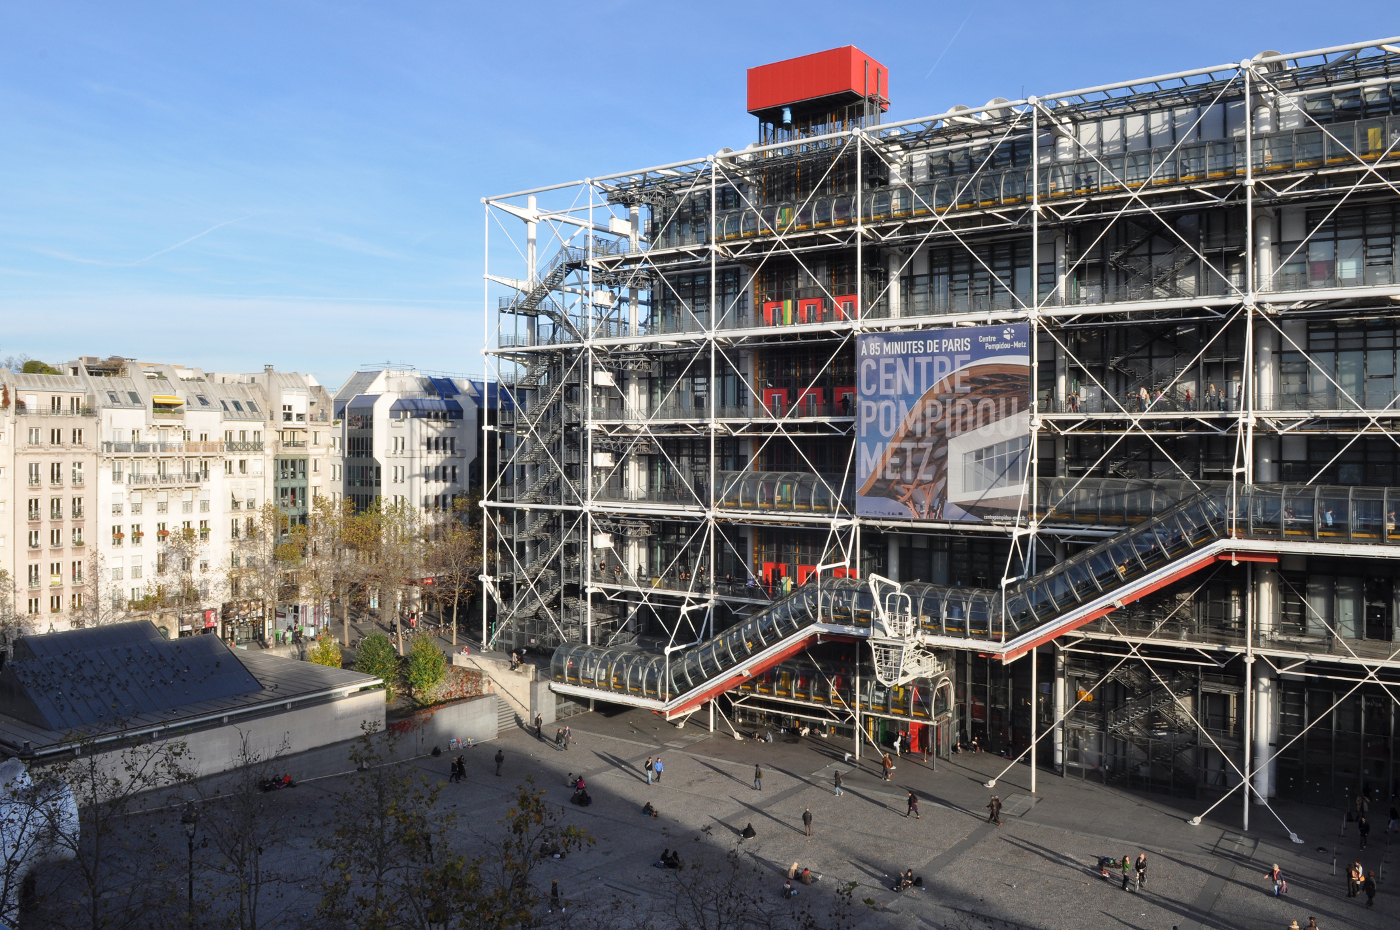 Parigi PianoIl Dopo Beaubourg Mia E La Renzo Quarant'anni 7vgyfb6Y